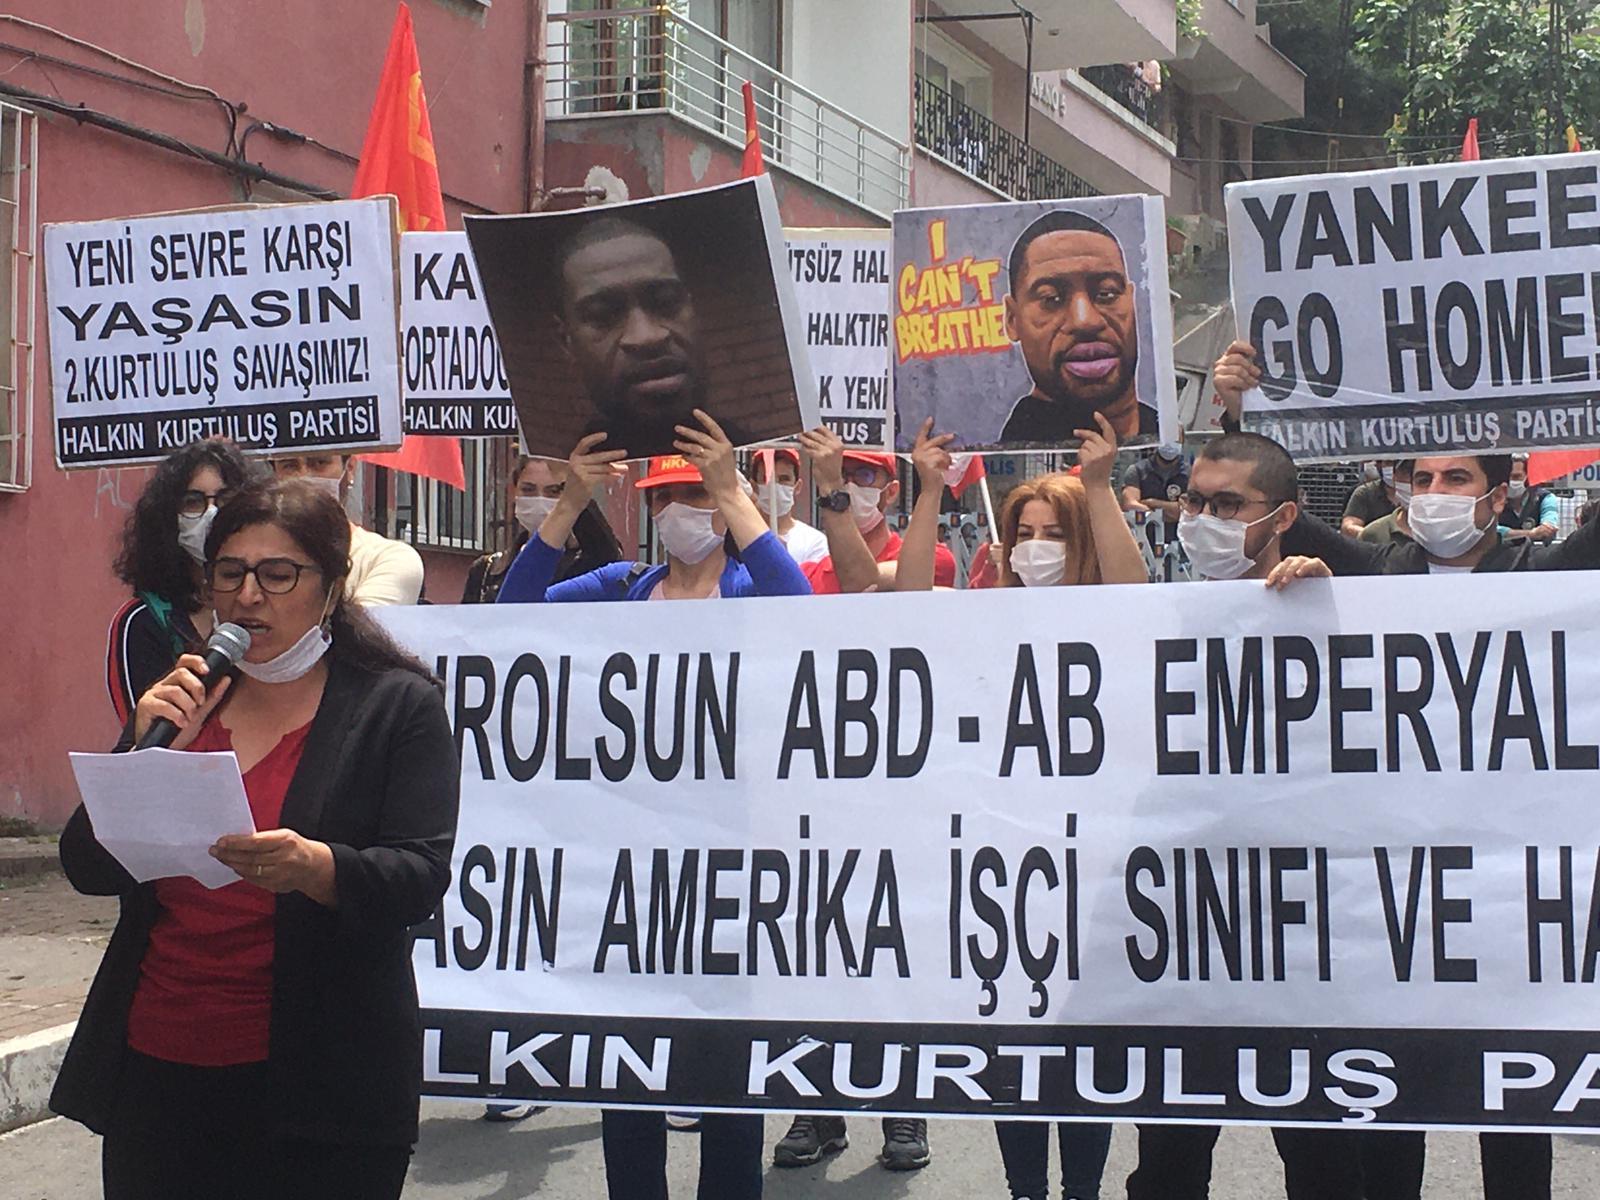 ABD Başkonsolosluğu önünde George Floyd'un öldürülmesi protesto edildi